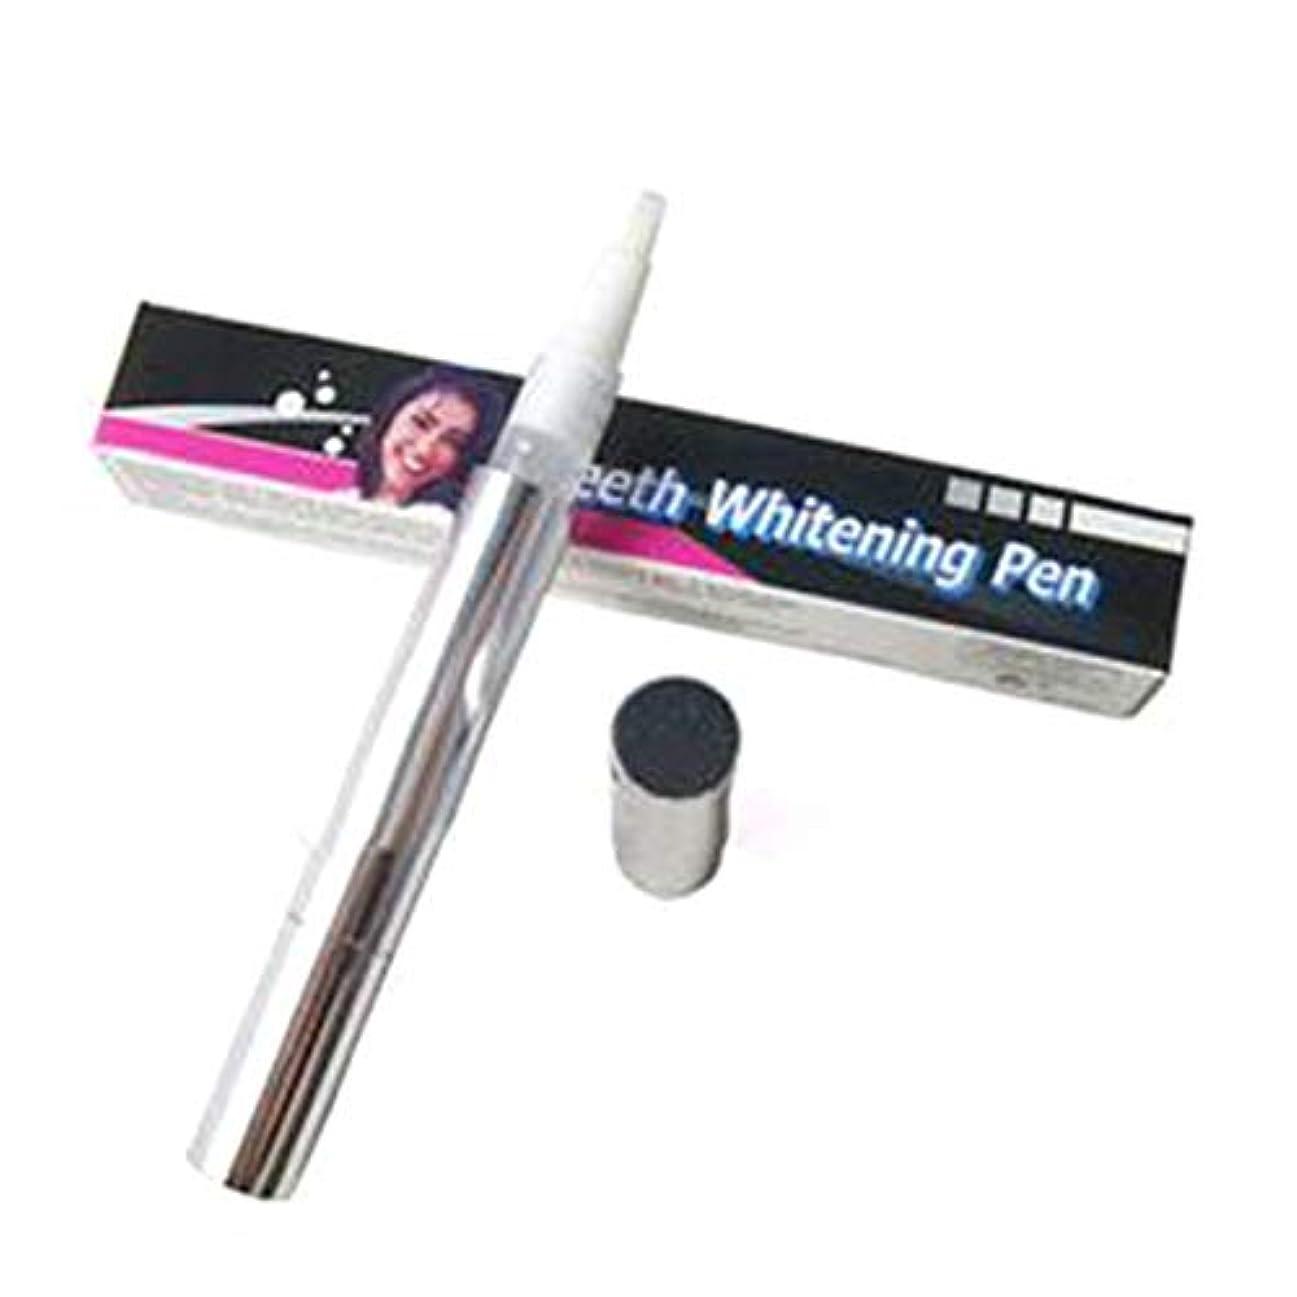 工夫する言い換えるとアンプペンホワイトニングペン強力な汚れ消しゴム除去速い漂白歯ジェルホワイトナー歯科口腔衛生用品 - シルバー